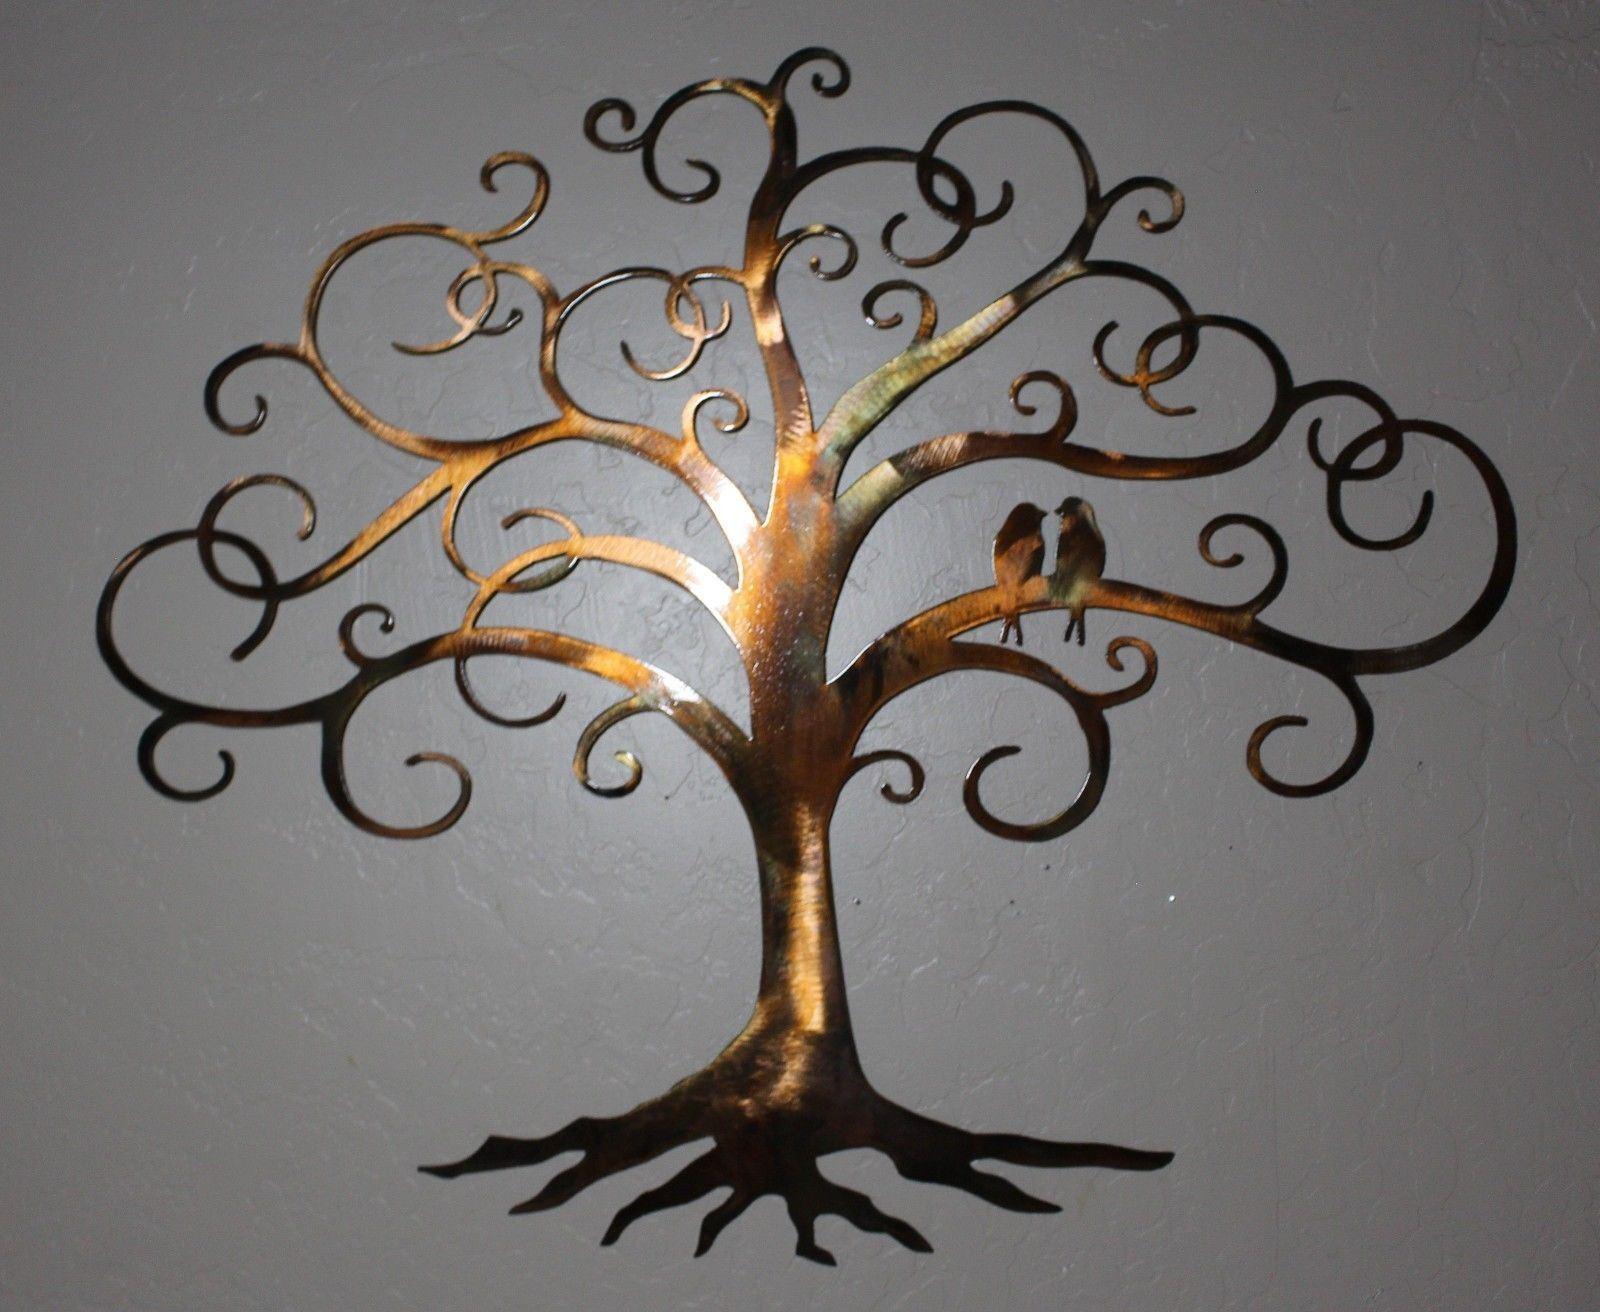 Liebe Vogel Verwirbelt Baum des Lebens 36   Hoch Metall Wandkunst Dekor von Hgmw